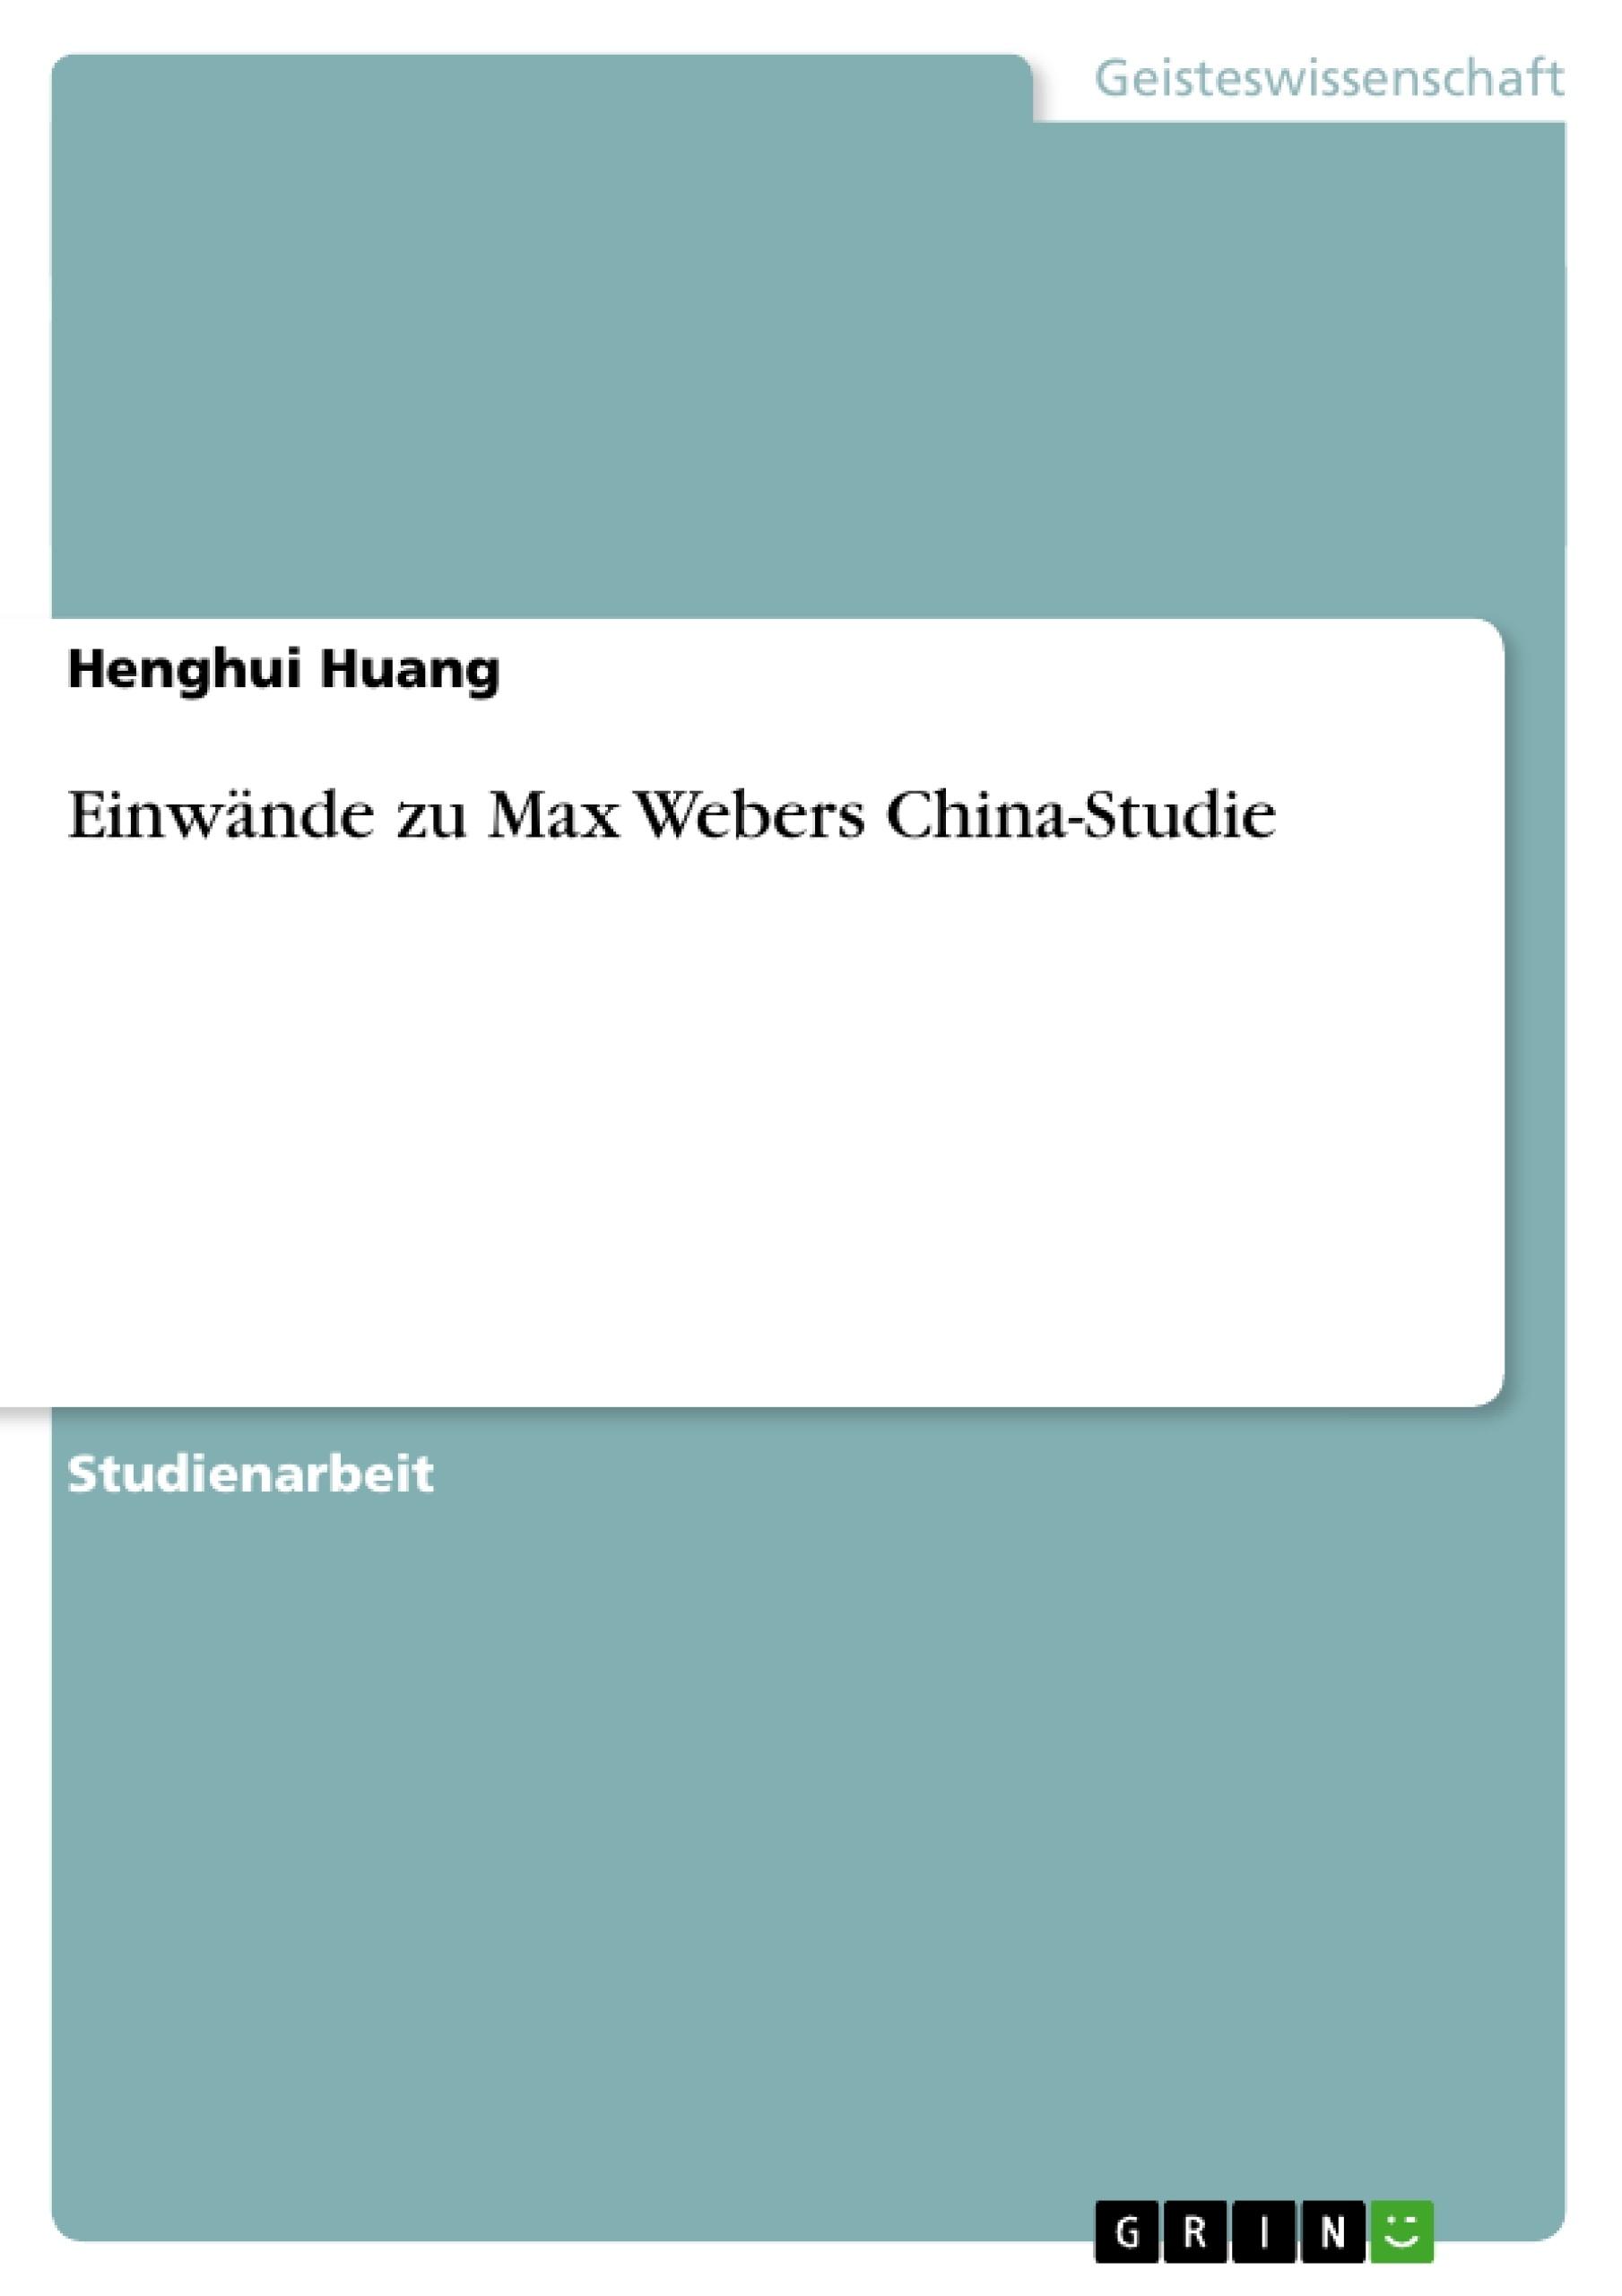 Titel: Einwände zu Max Webers China-Studie